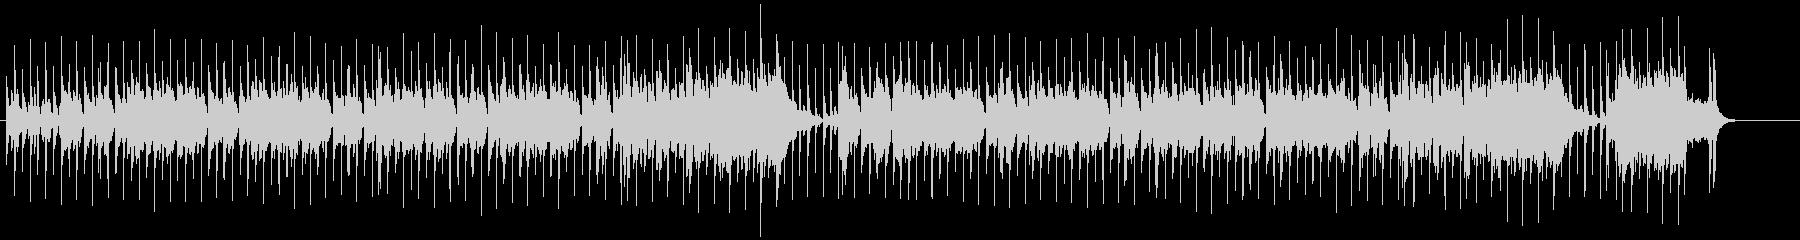 ホーン・セクションが際立つファンキーな曲の未再生の波形